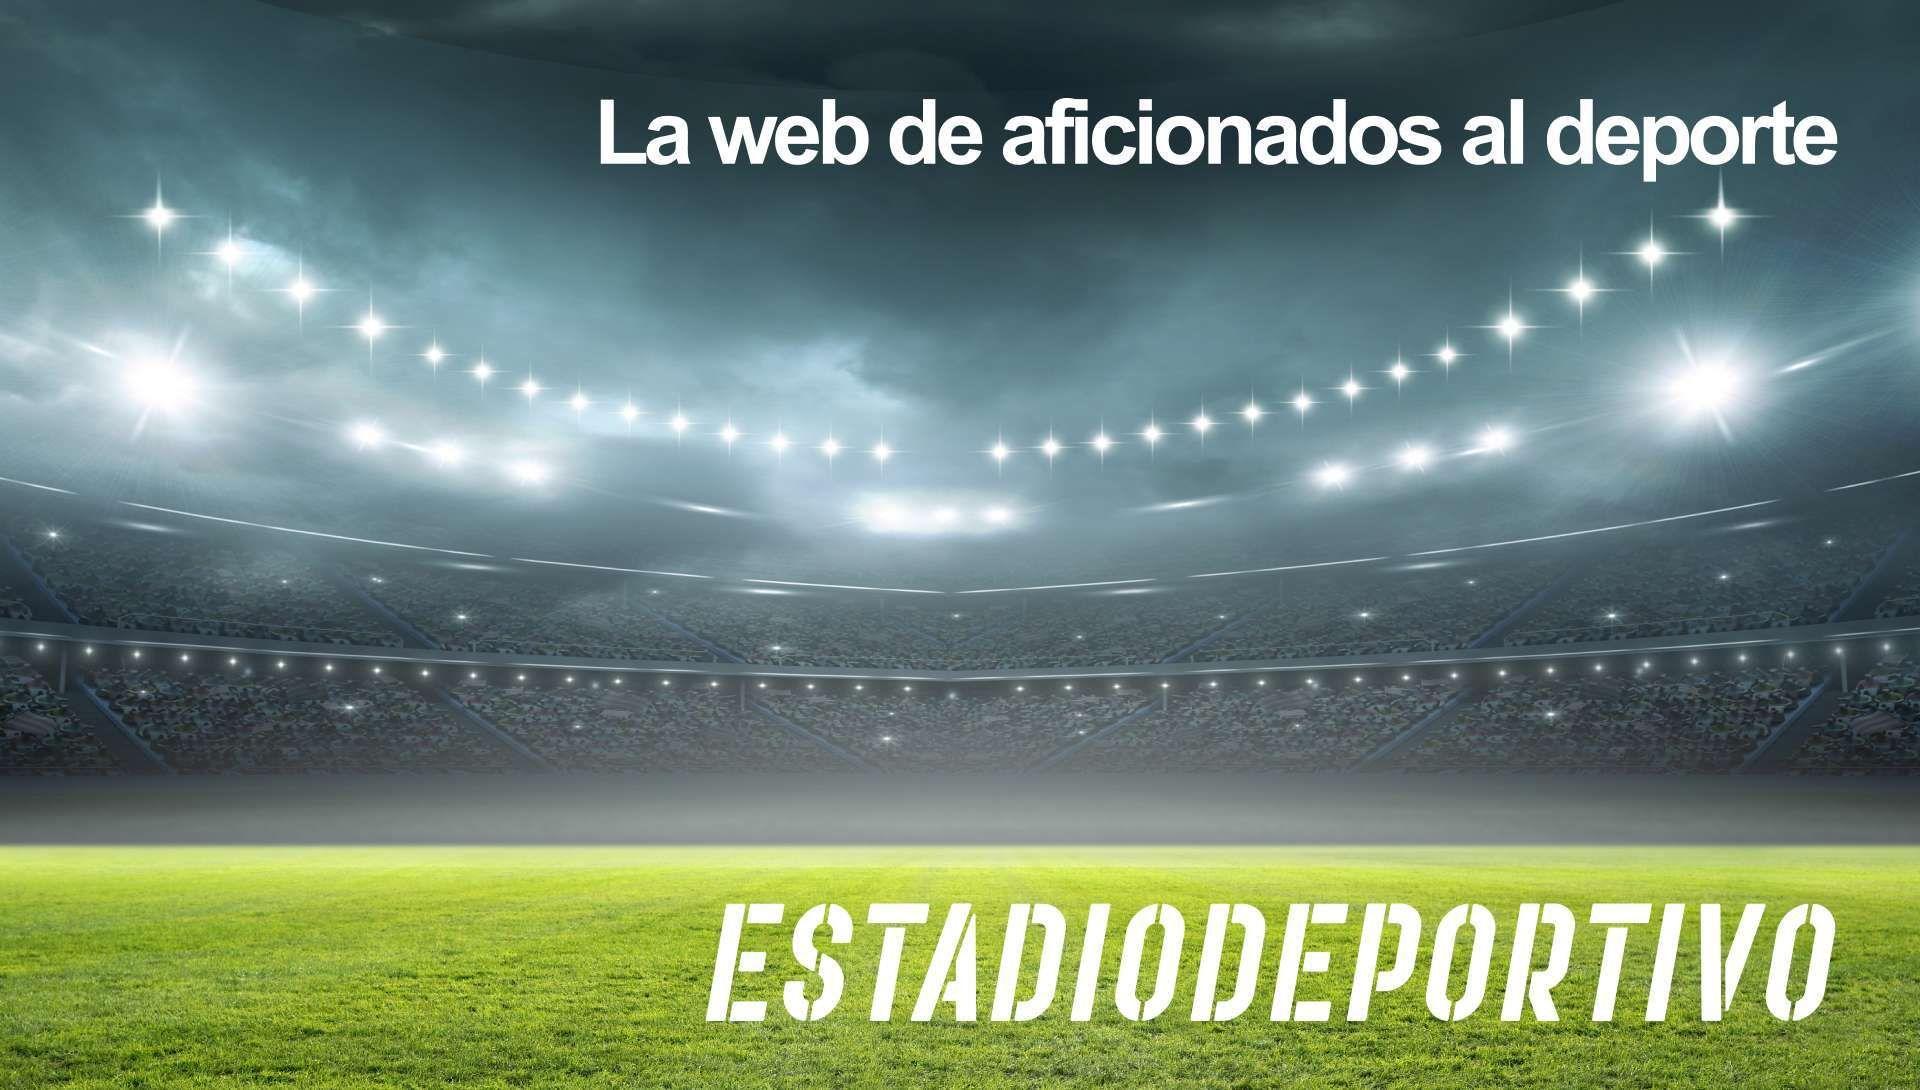 Las portadas del viernes 25 de junio